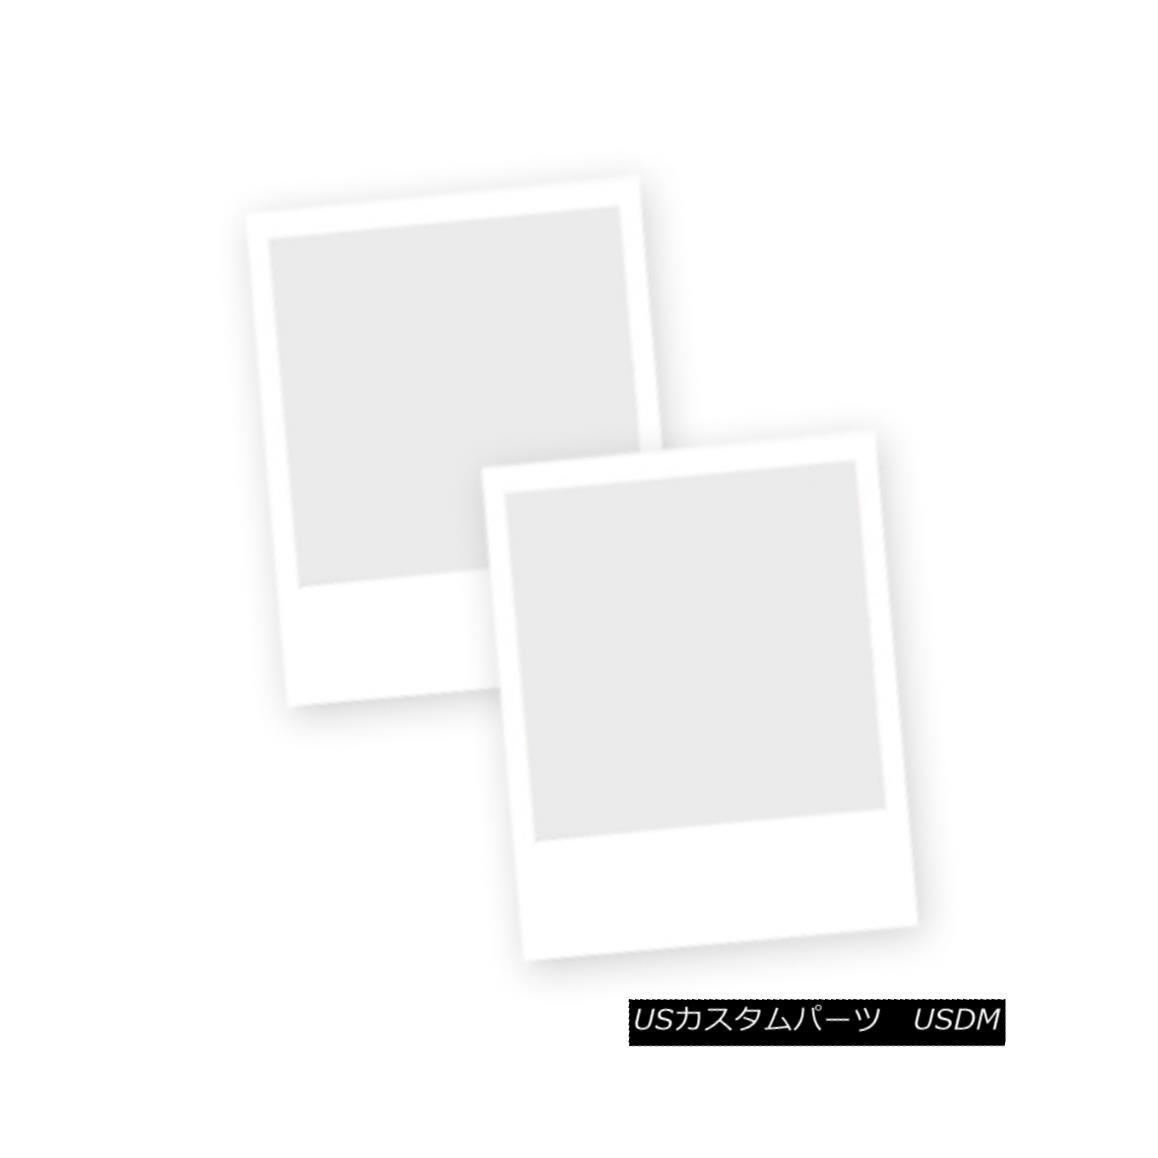 幌・ソフトトップ RAMPAGE 109935 Soft Top RAMPAGE 109935ソフトトップ